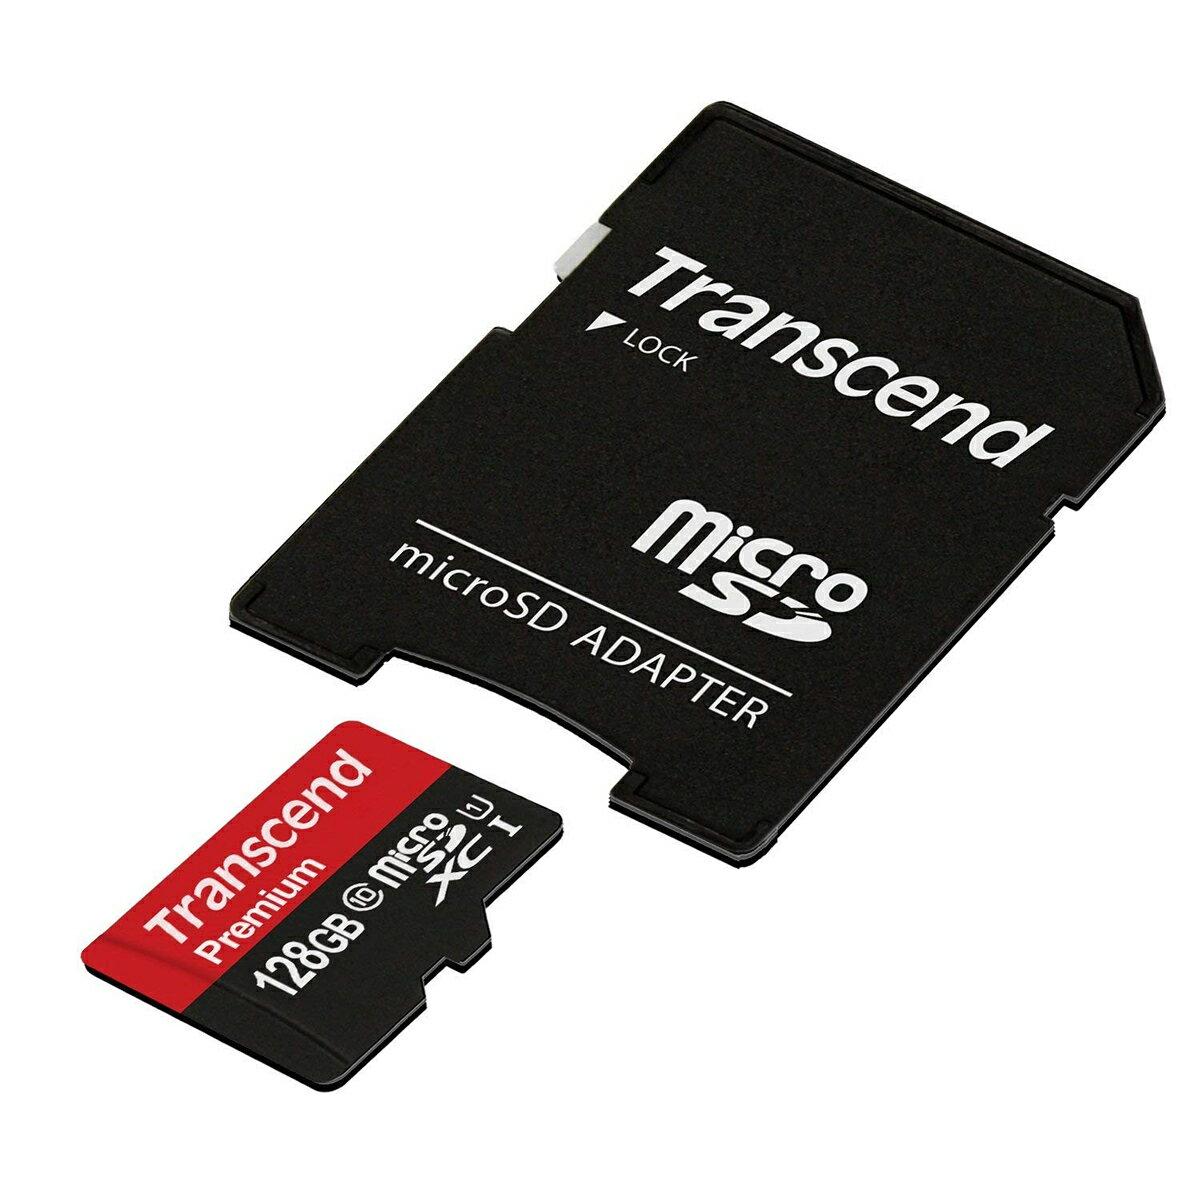 【2月15日値下げしました】【ネコポス専用】Transcend microSDカード 128GB Class10 UHS-1 永久保証 マイクロSD microSDXC SDアダプタ付 最大転送速度60MB/s 400x クラス10[TS128GUSDU1]【送料無料】